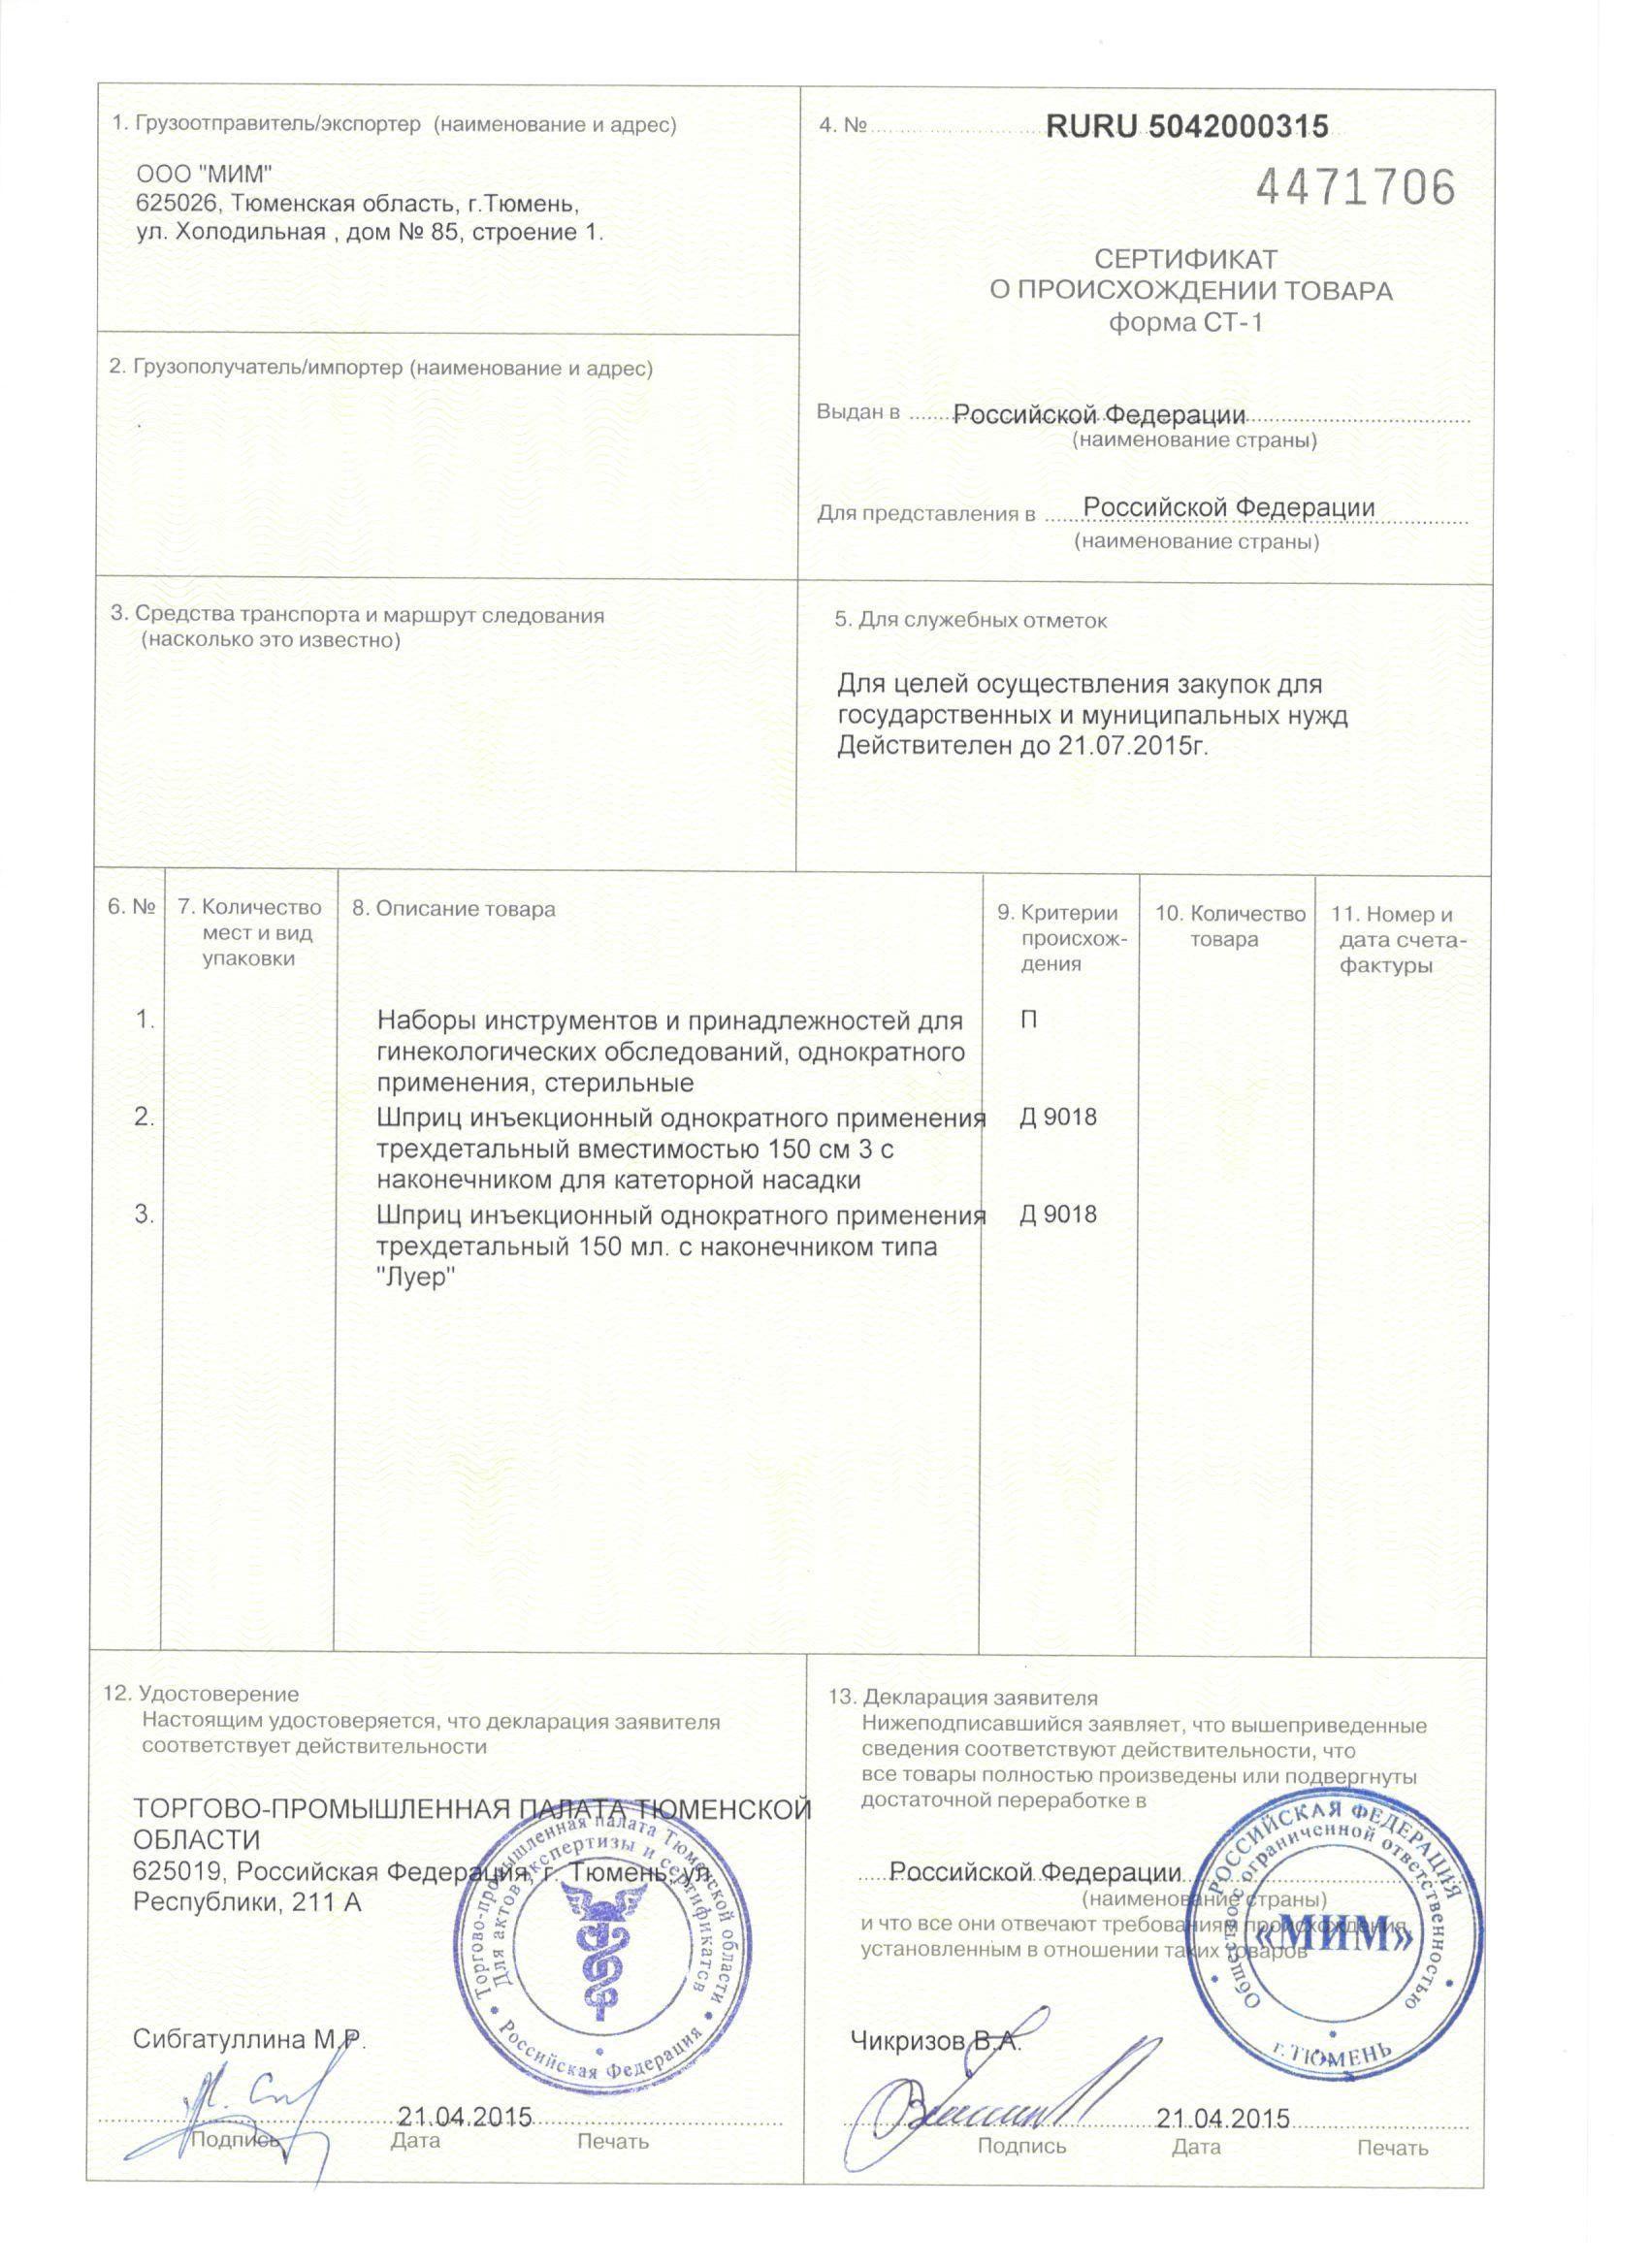 Образец сертификата происхождения ст-1 2020   скачать форму, бланк